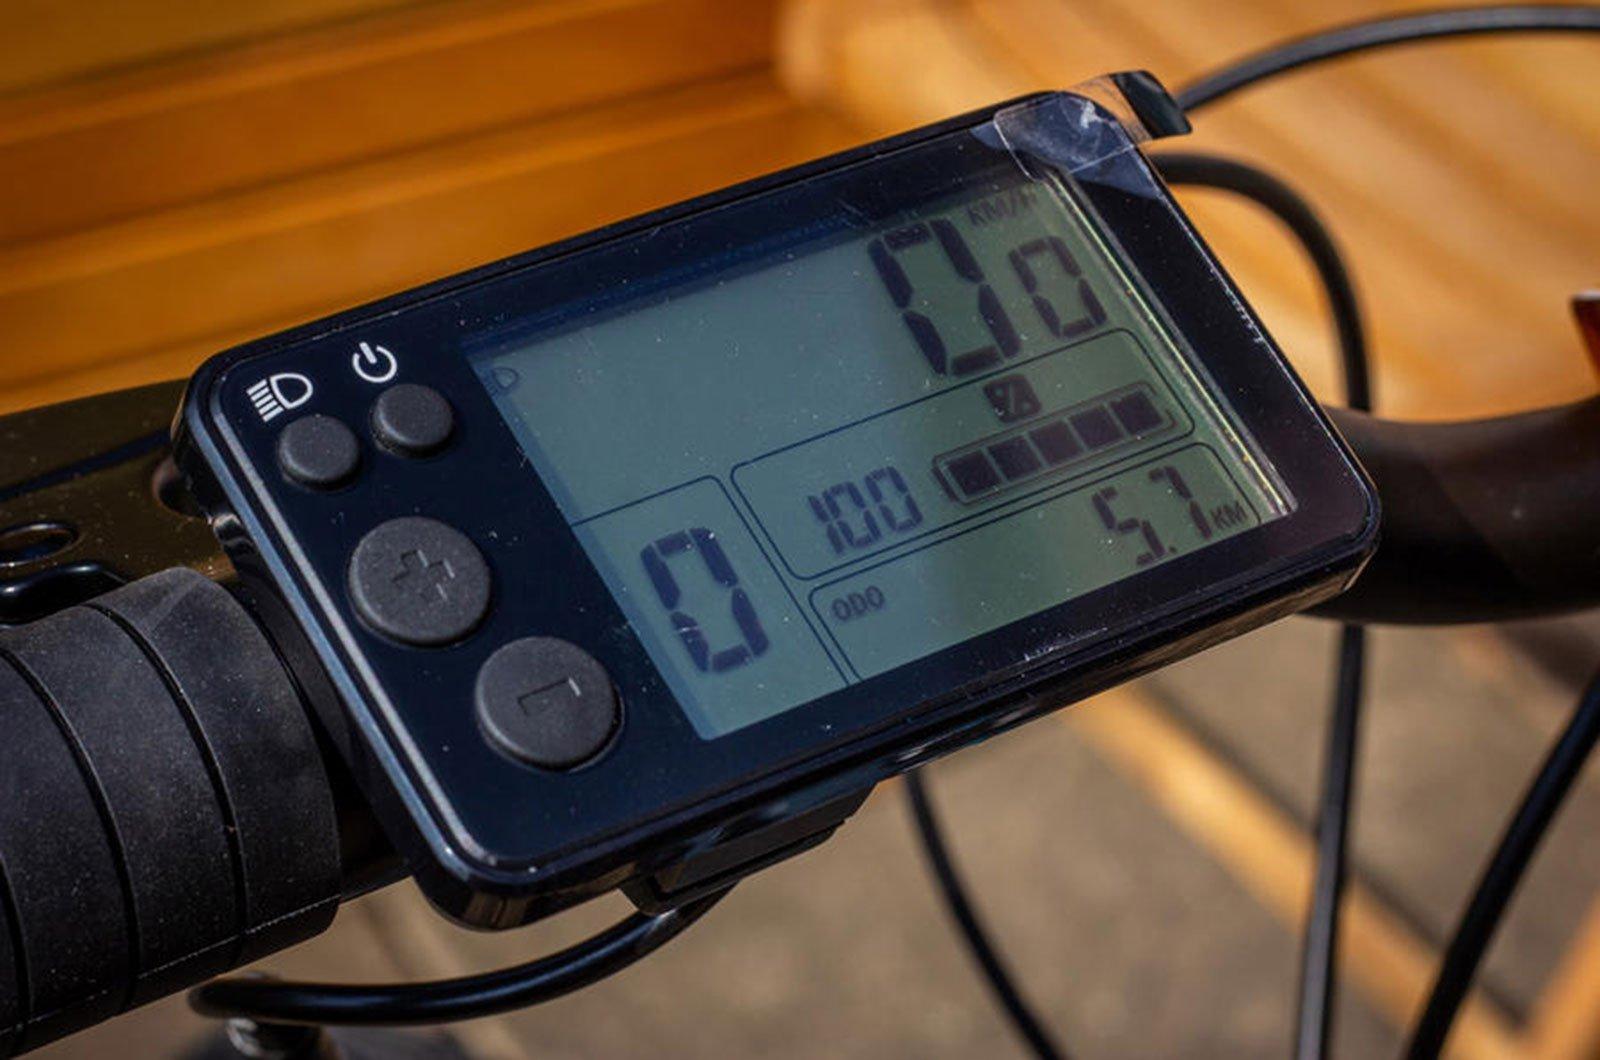 e-bike readout 2021